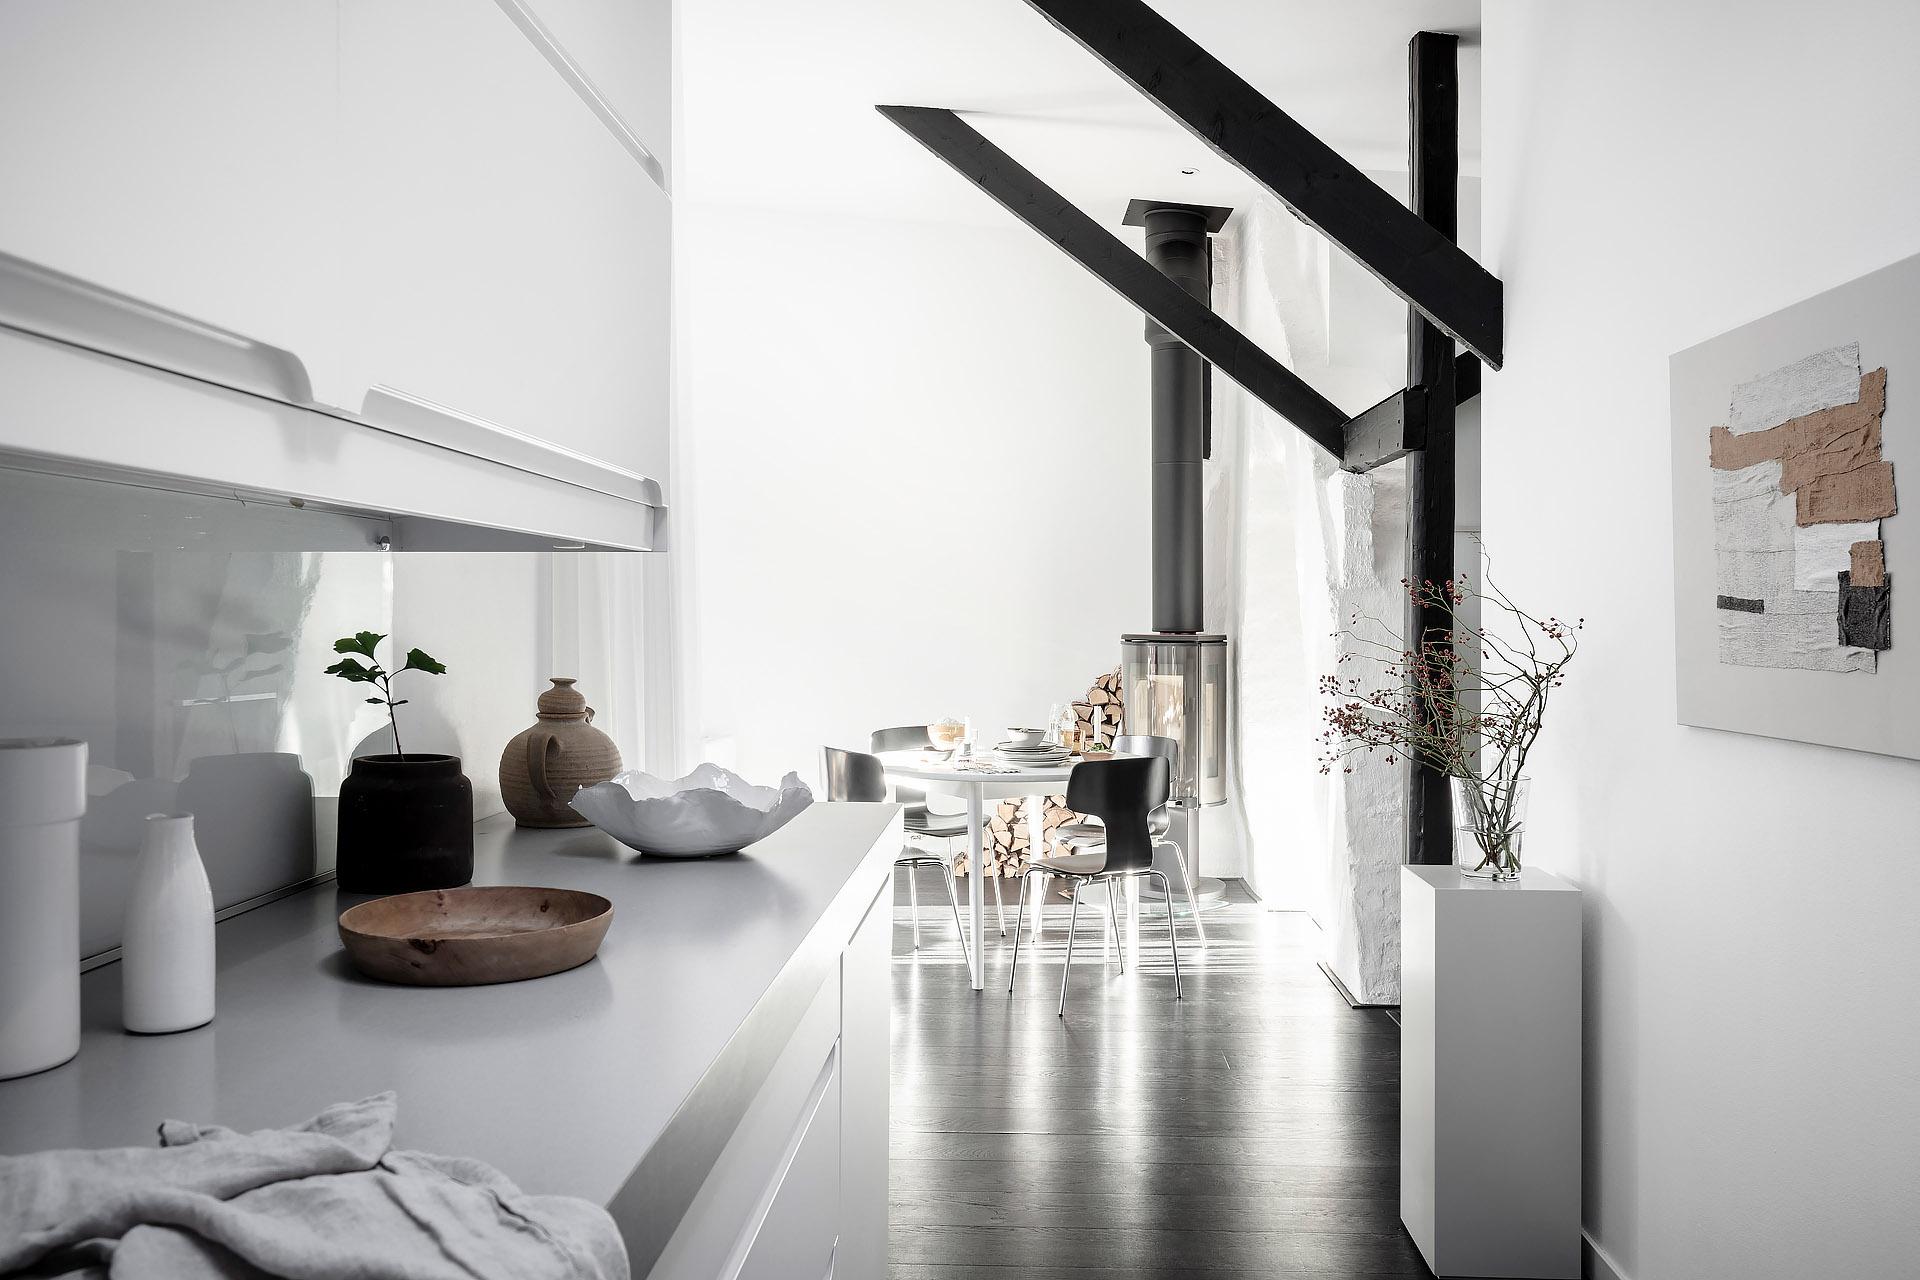 Mieszkanie na poddaszu z belkami stropowymi i kominkiem